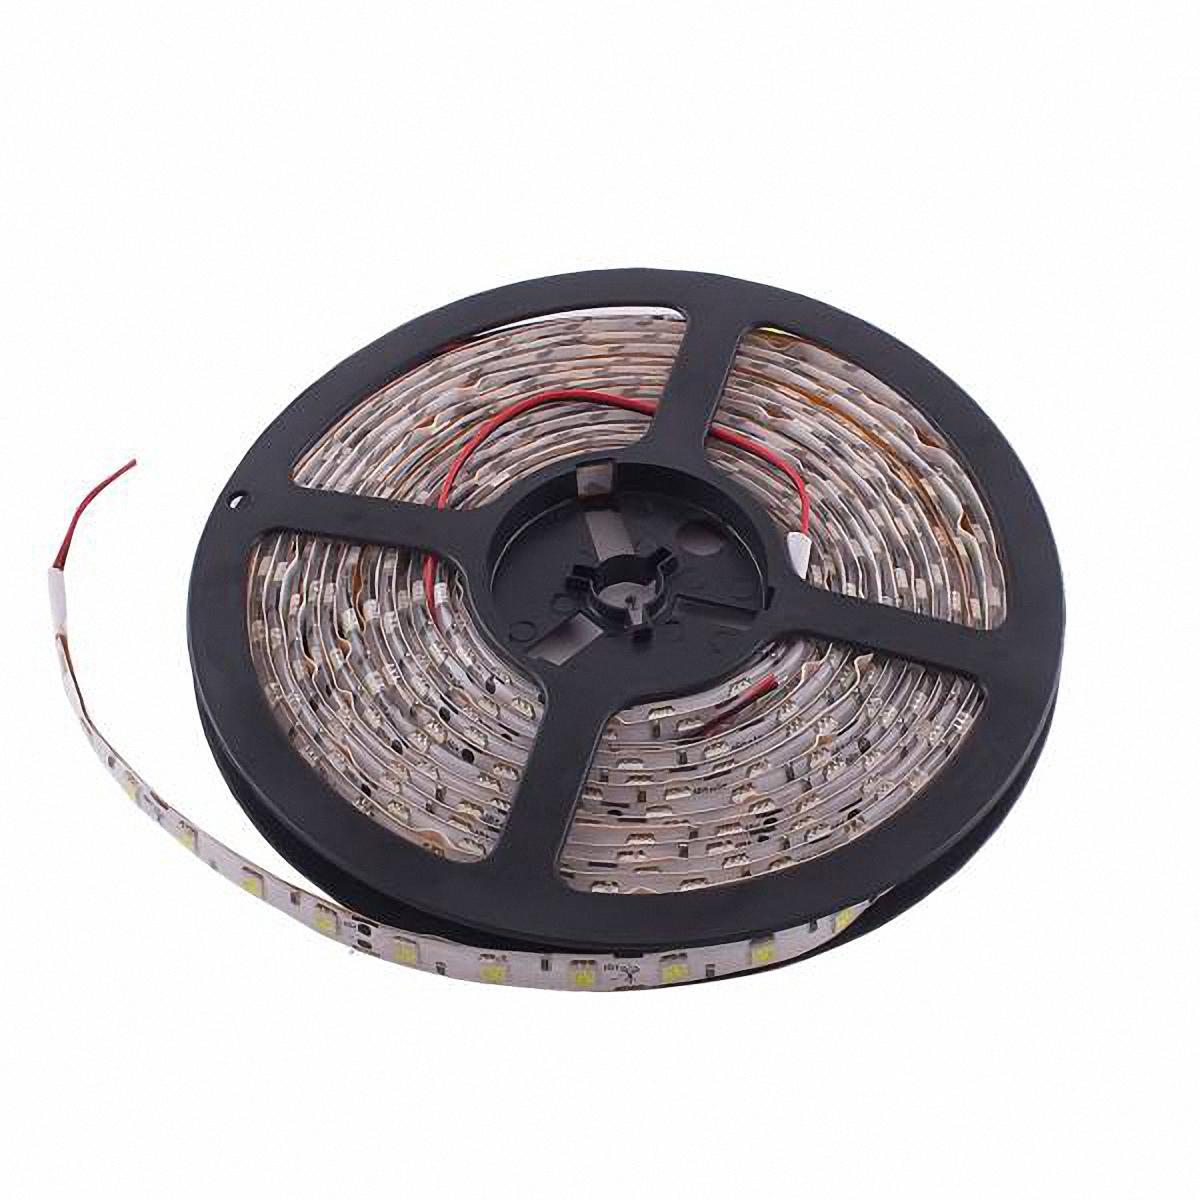 Skyway Лента светодиодная 300 SMD диодов. S03201025S03201025Входное напряжение: 12V.Длина: 500 см.Цвет основы: белый.Цвет катушки: белый.